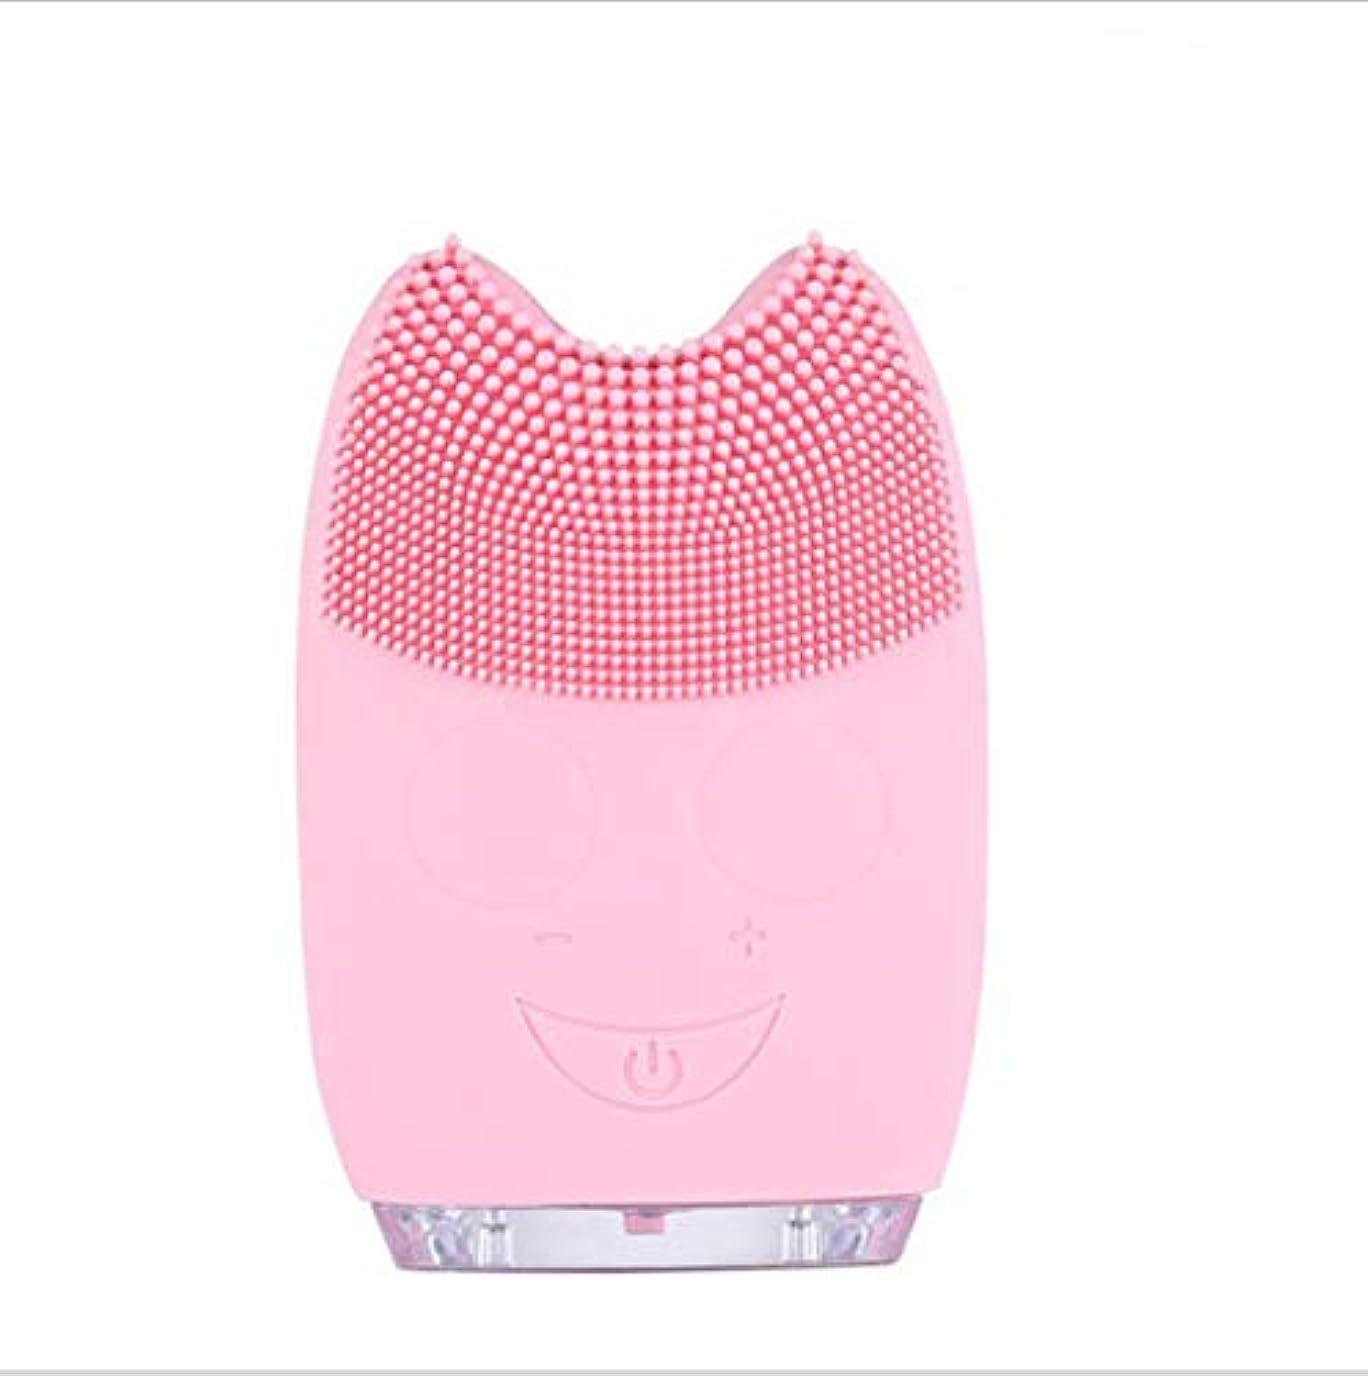 原油ウッズ付録すべての肌のタイプに適した角質除去とアンチエイジング顔マッサージのためのシリコーン電気クレンジングブラシ,Pink